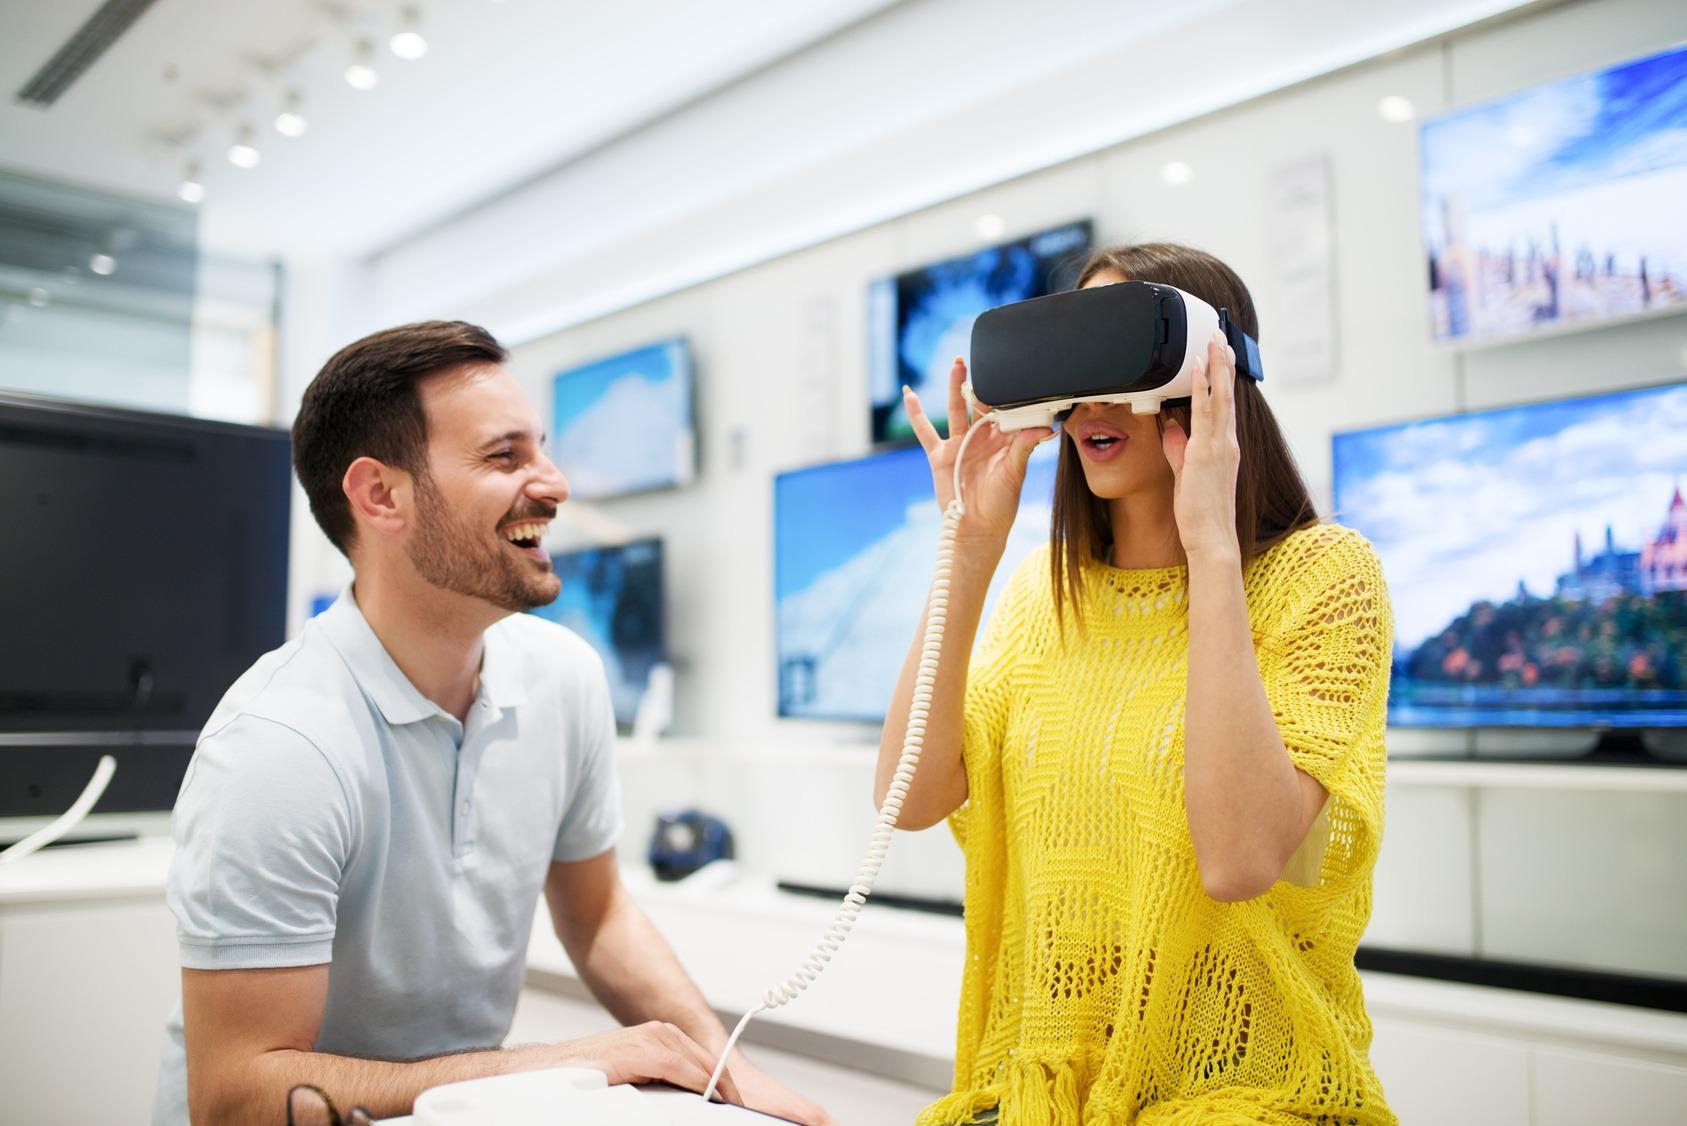 Ein junges Paar testet eine VR-Brille in einem Geschäft.